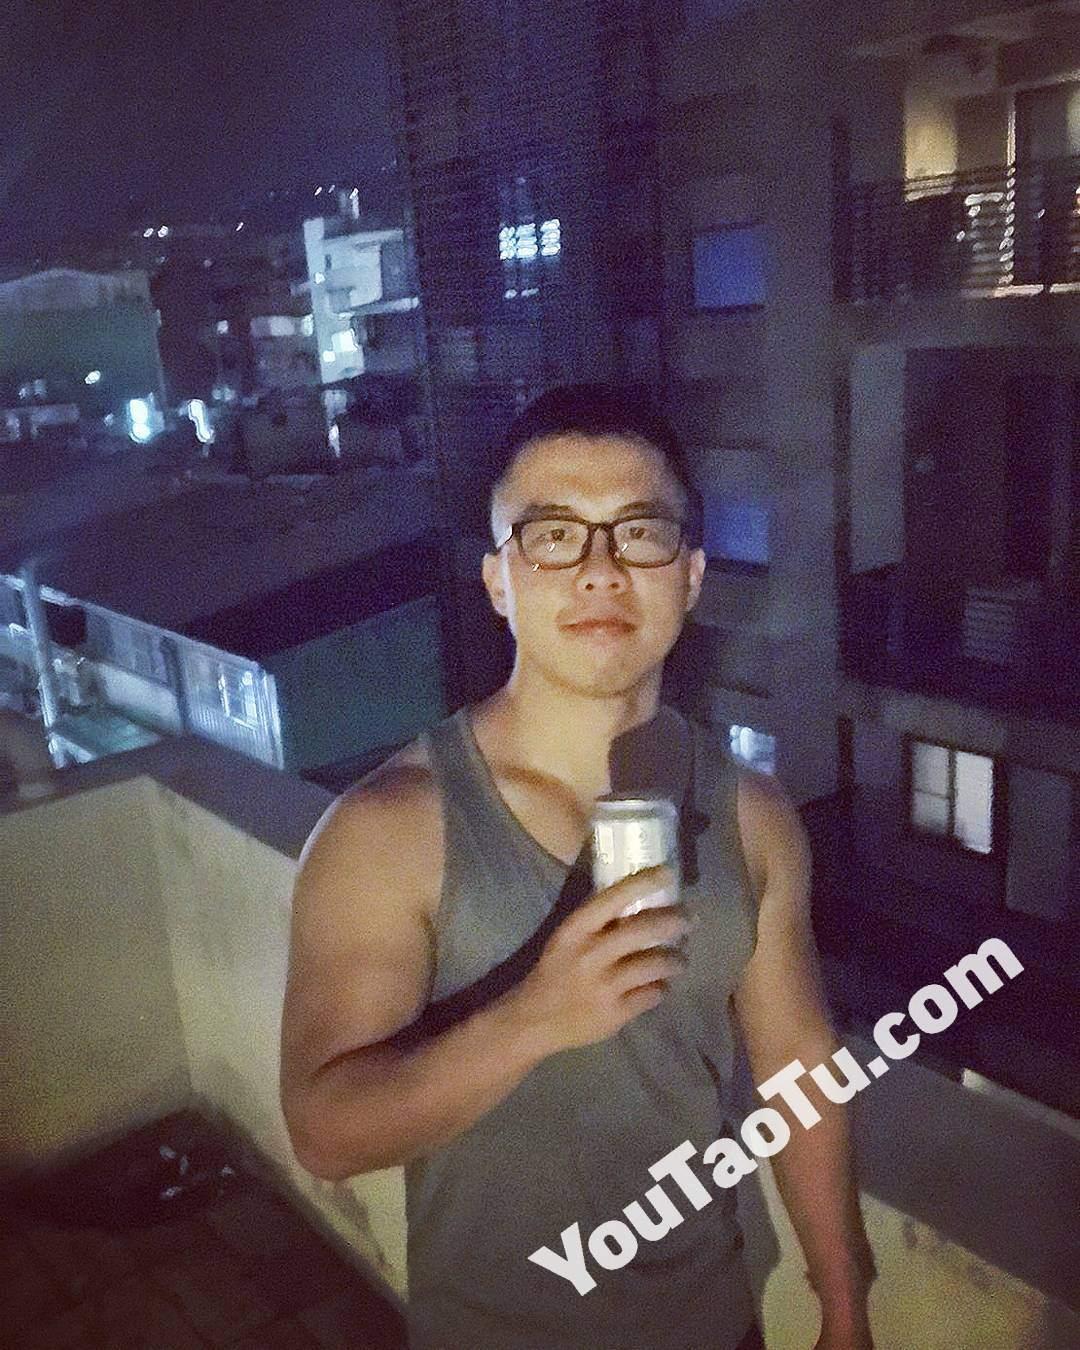 NAA09健身男神套图生活照598照片+81视频-1